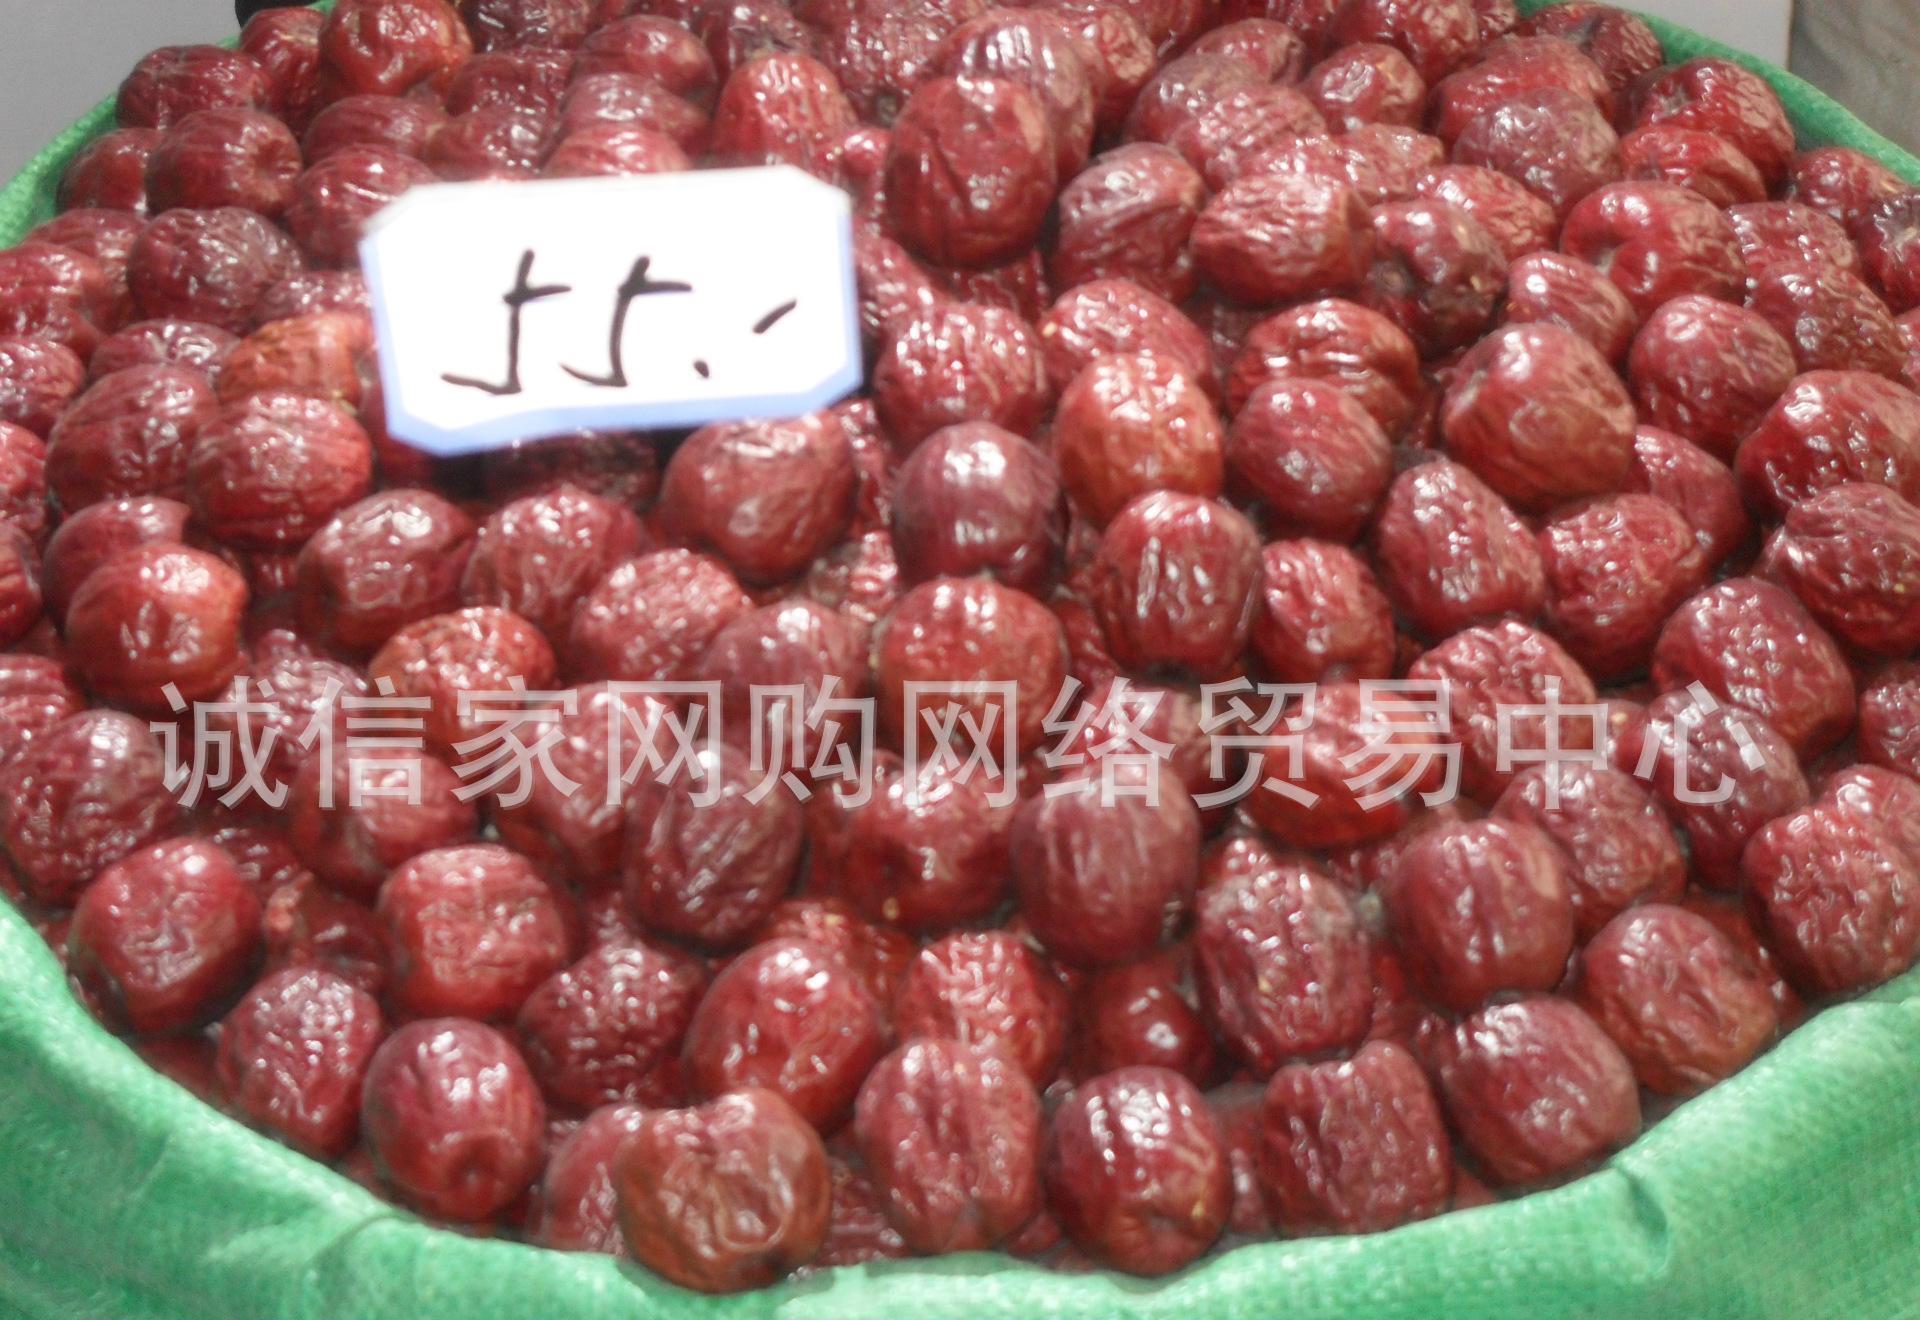 特价大枣批发 大红枣营养便宜品质特级一级优良批发新疆大红干枣